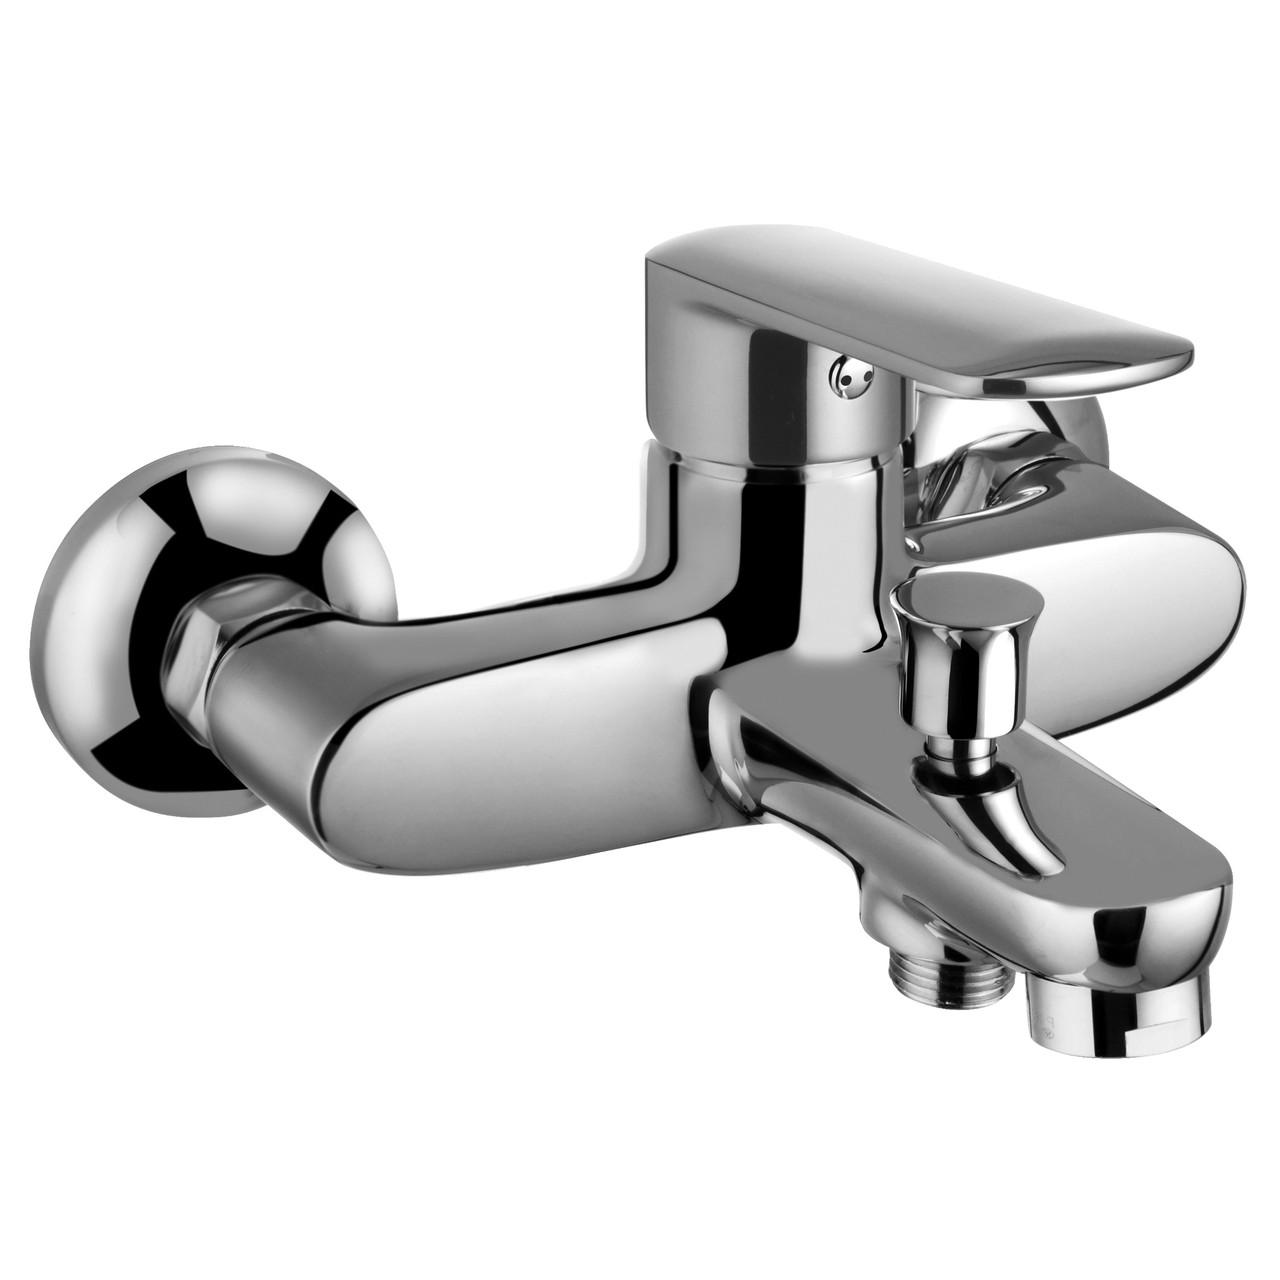 FIESTA змішувач для ванни, хром, 35 мм